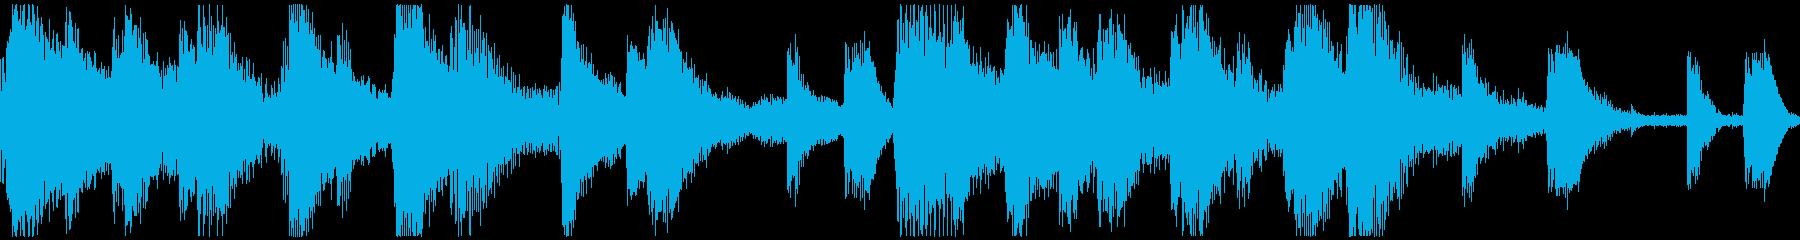 <ショートループ> ピアノ⑨+ビートBの再生済みの波形